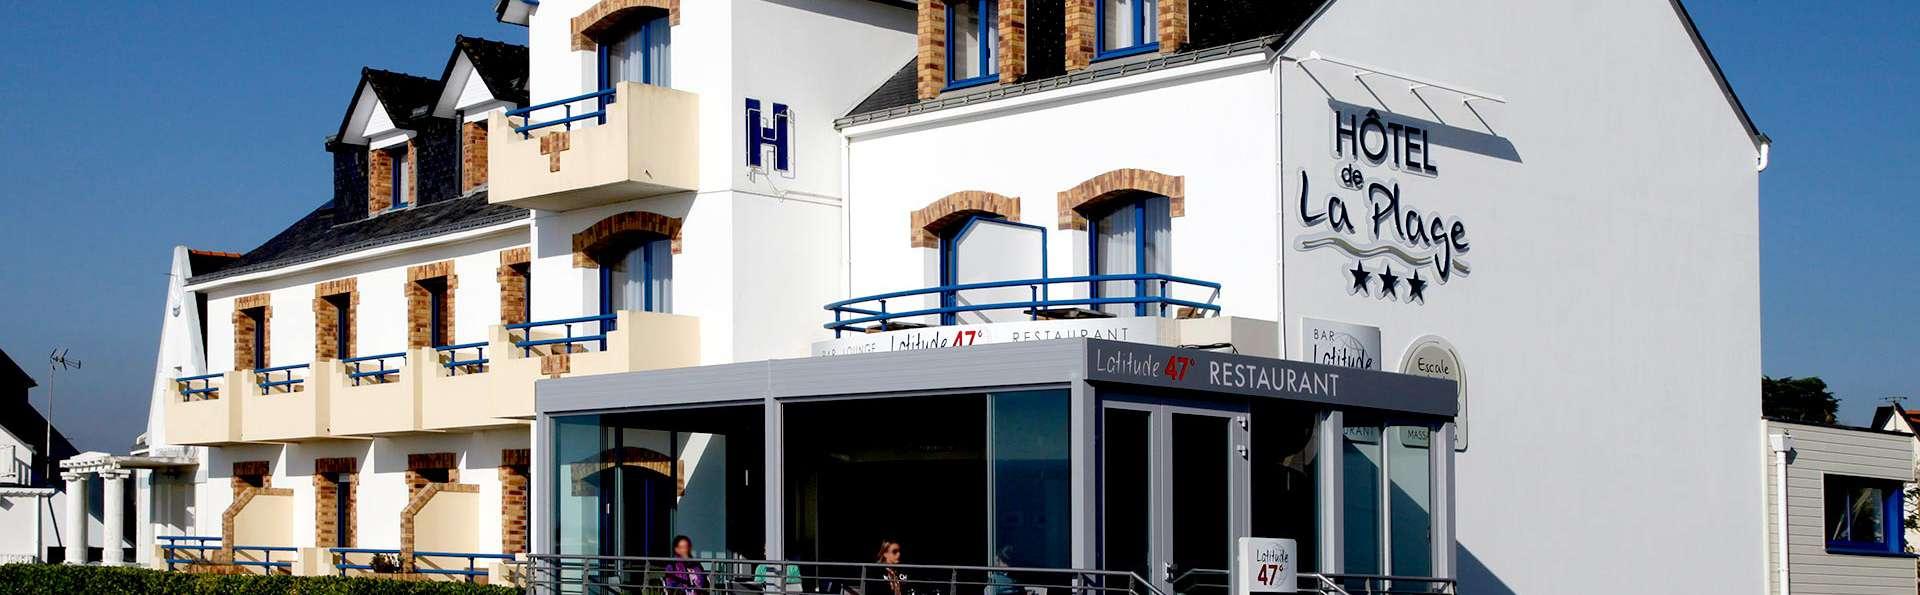 Hotel La Plage - Damgan  - Edit_Front2.jpg